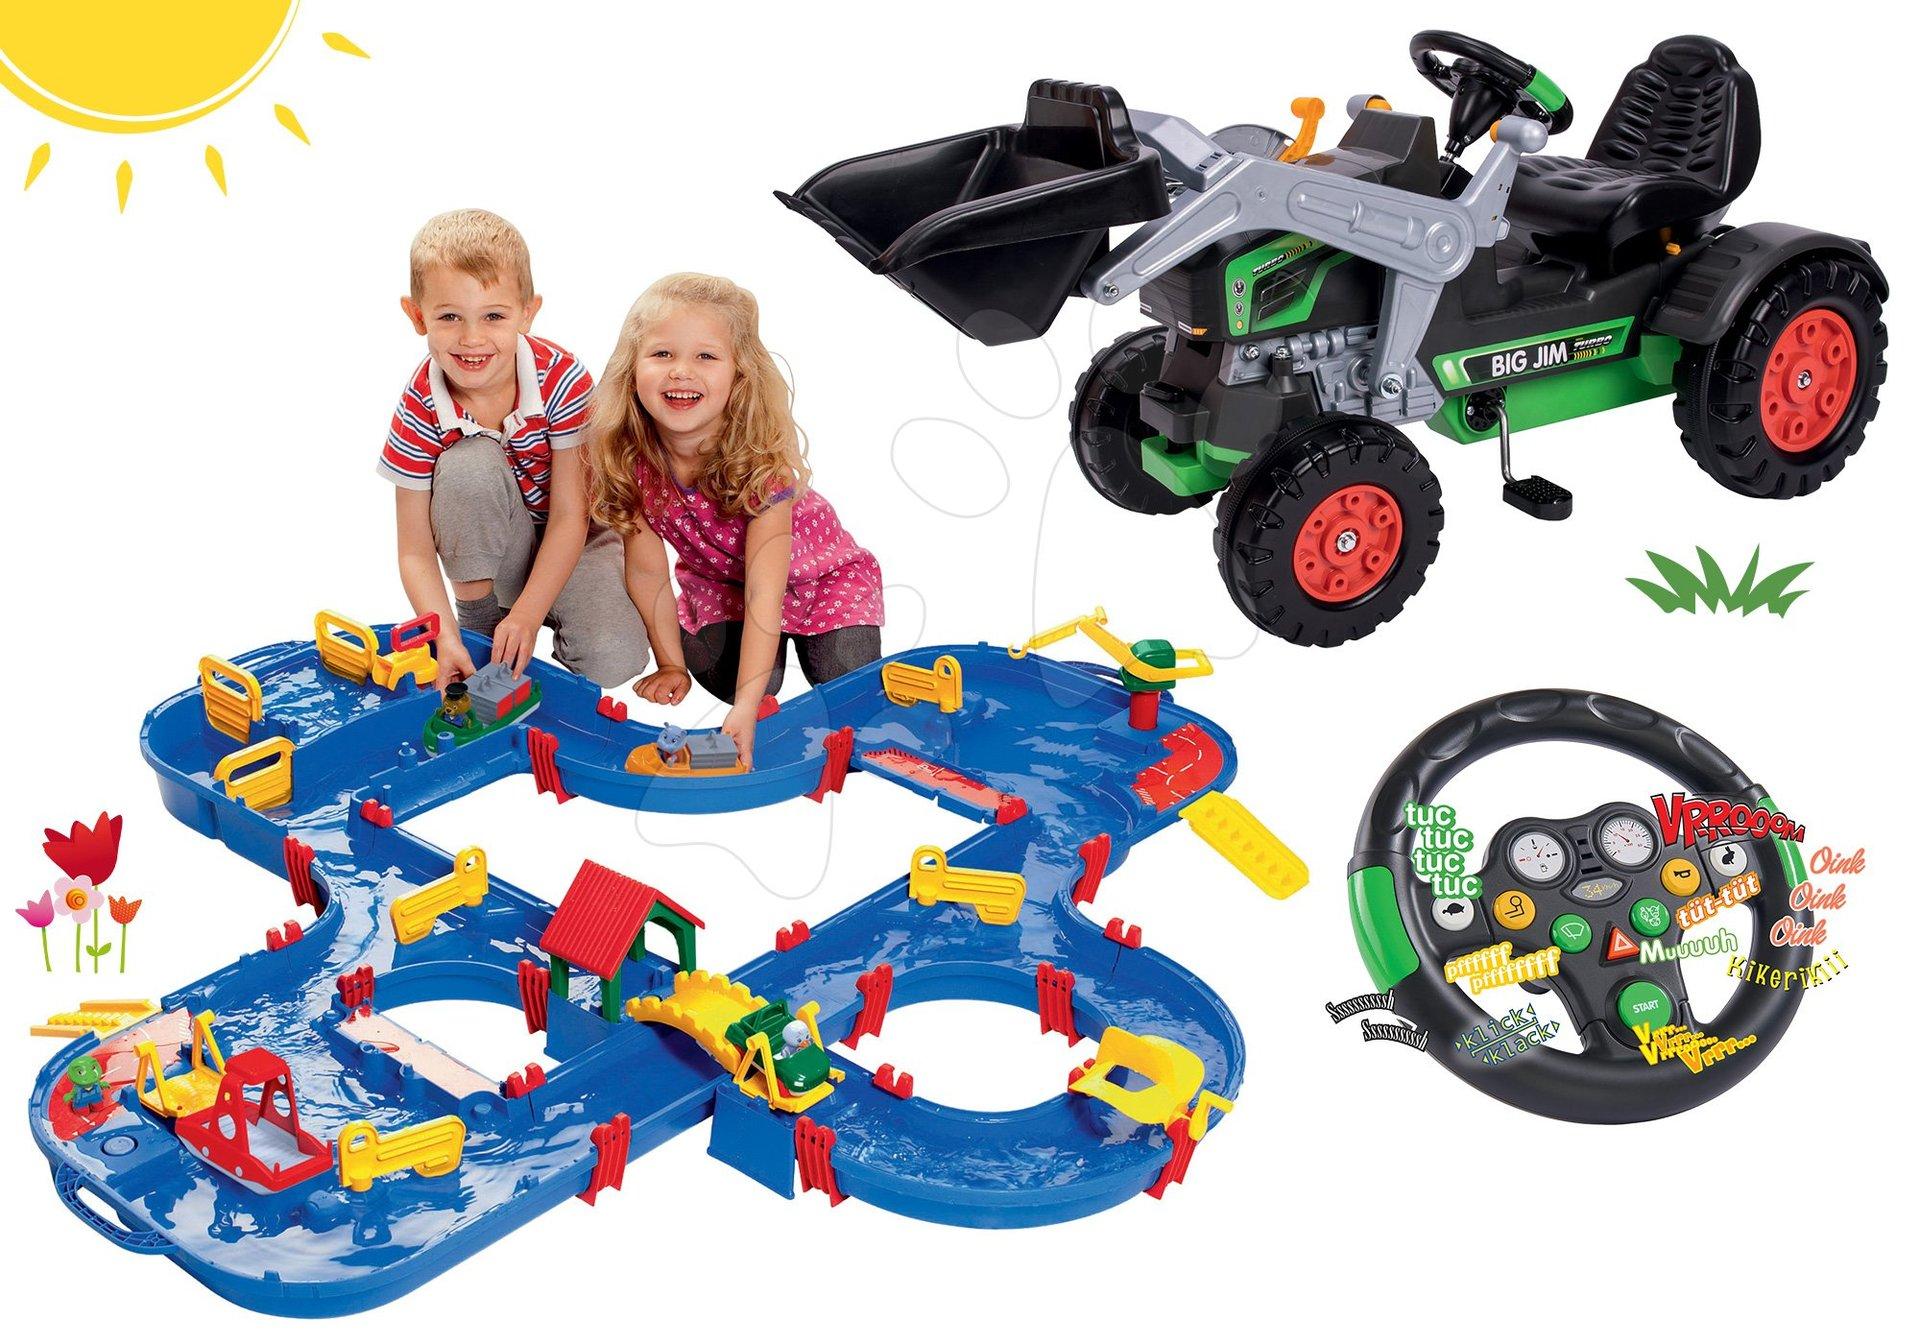 Set šliapací traktor nakladač Jim Turbo BIG s interaktívnym volantom a vodná dráha Aquaplayn Go